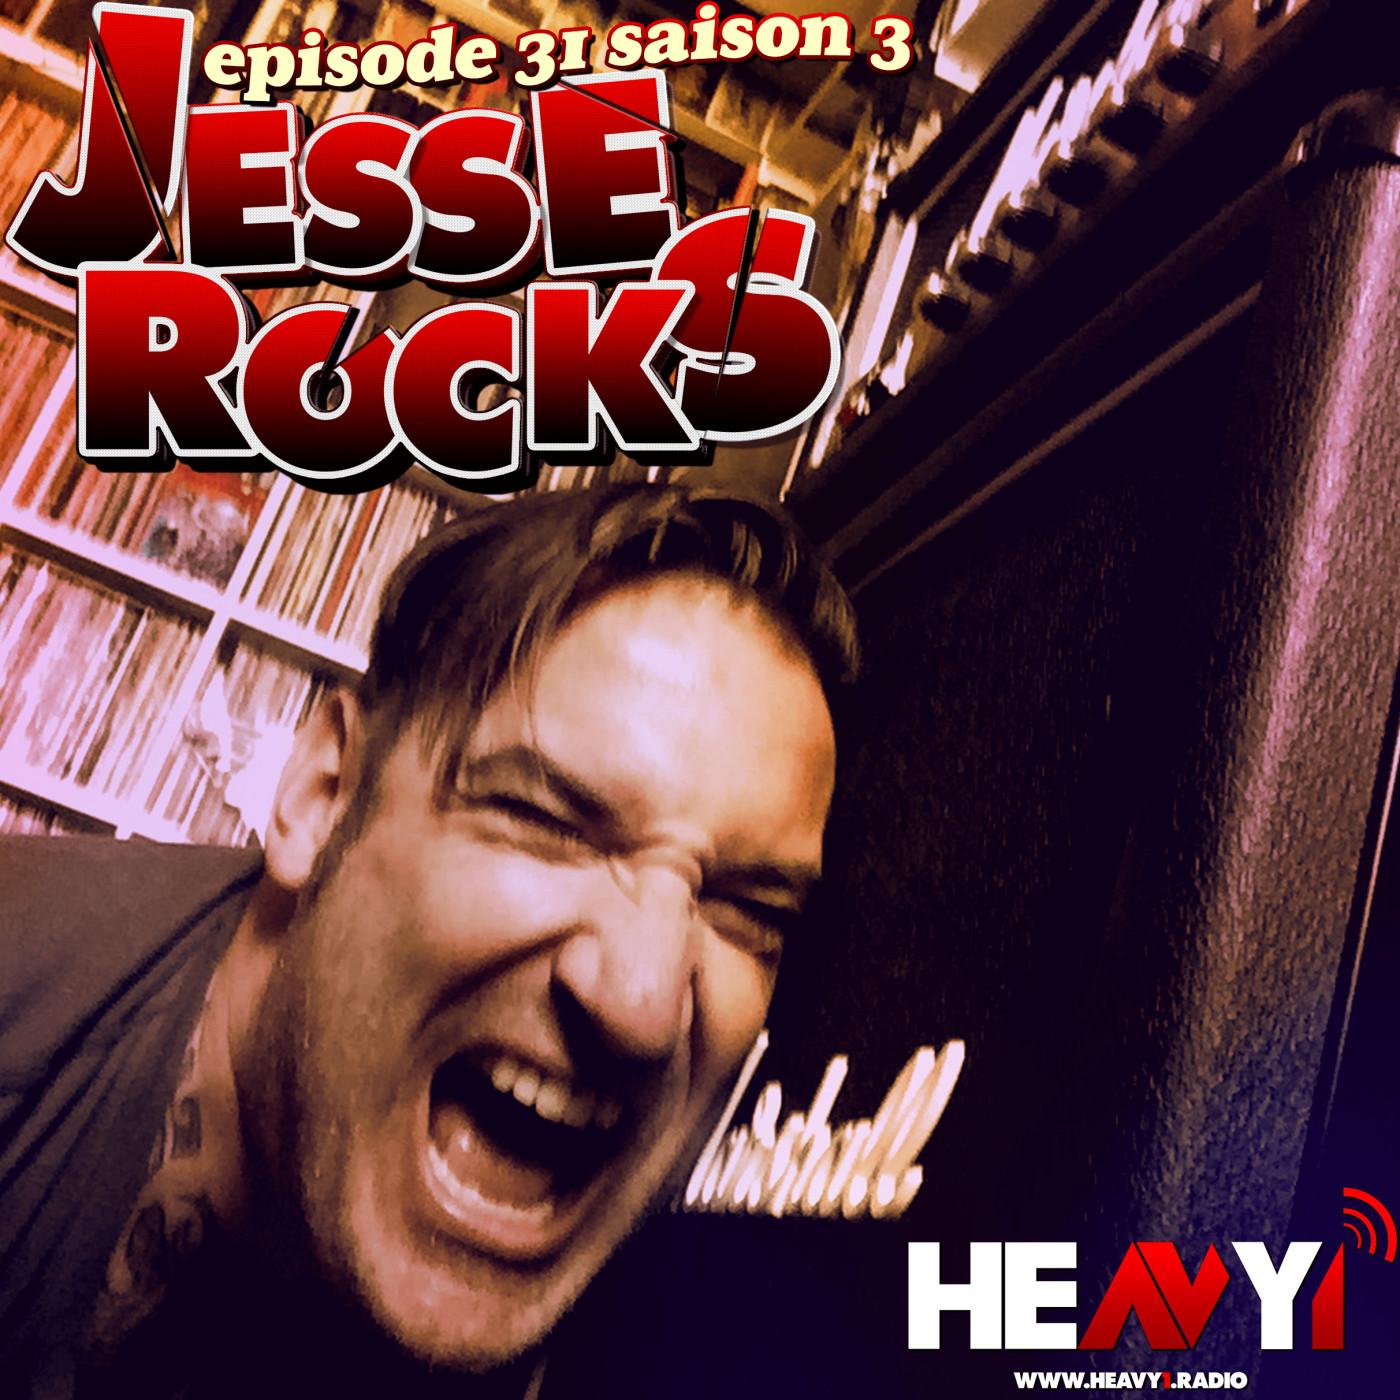 Jesse Rocks #31 Saison 3